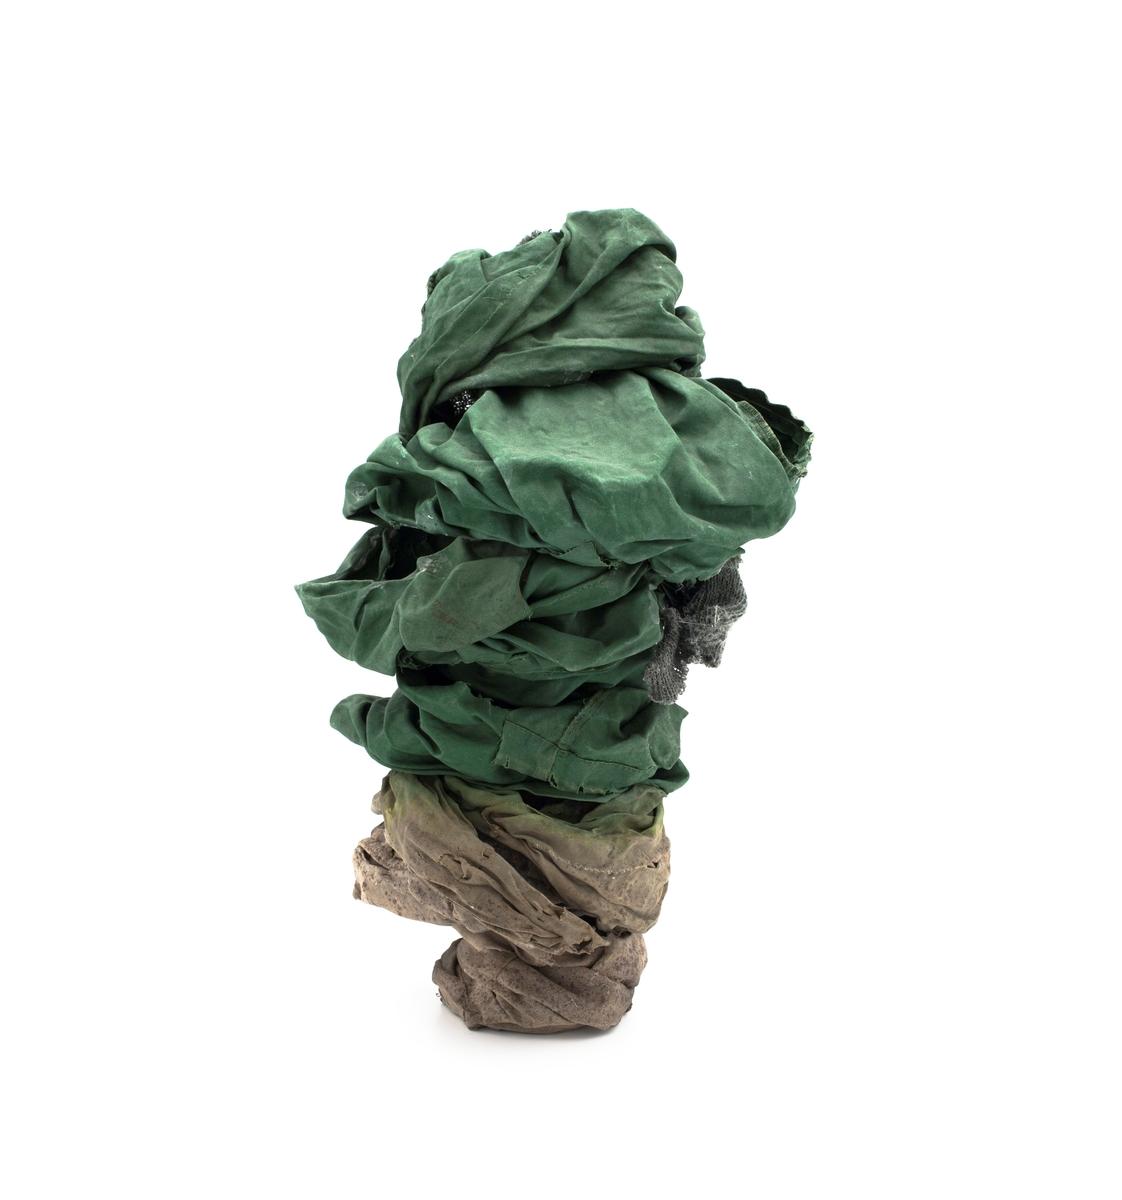 Tekstilt avfall i form av brukt tøy bygd opp i en abstrakt konisk form.. Tekstilene er i grønne og brune sjatteringer.  Kunstner opplyser om at rent teknisk er begge skulpturene bygget opp ved at tekstilene settes inn med lim som gjør at tekstilene blir harde når de tørker. Dette er en langsom prosess siden limet er tungt og må tørke helt mellom hvert lag med tekstil.